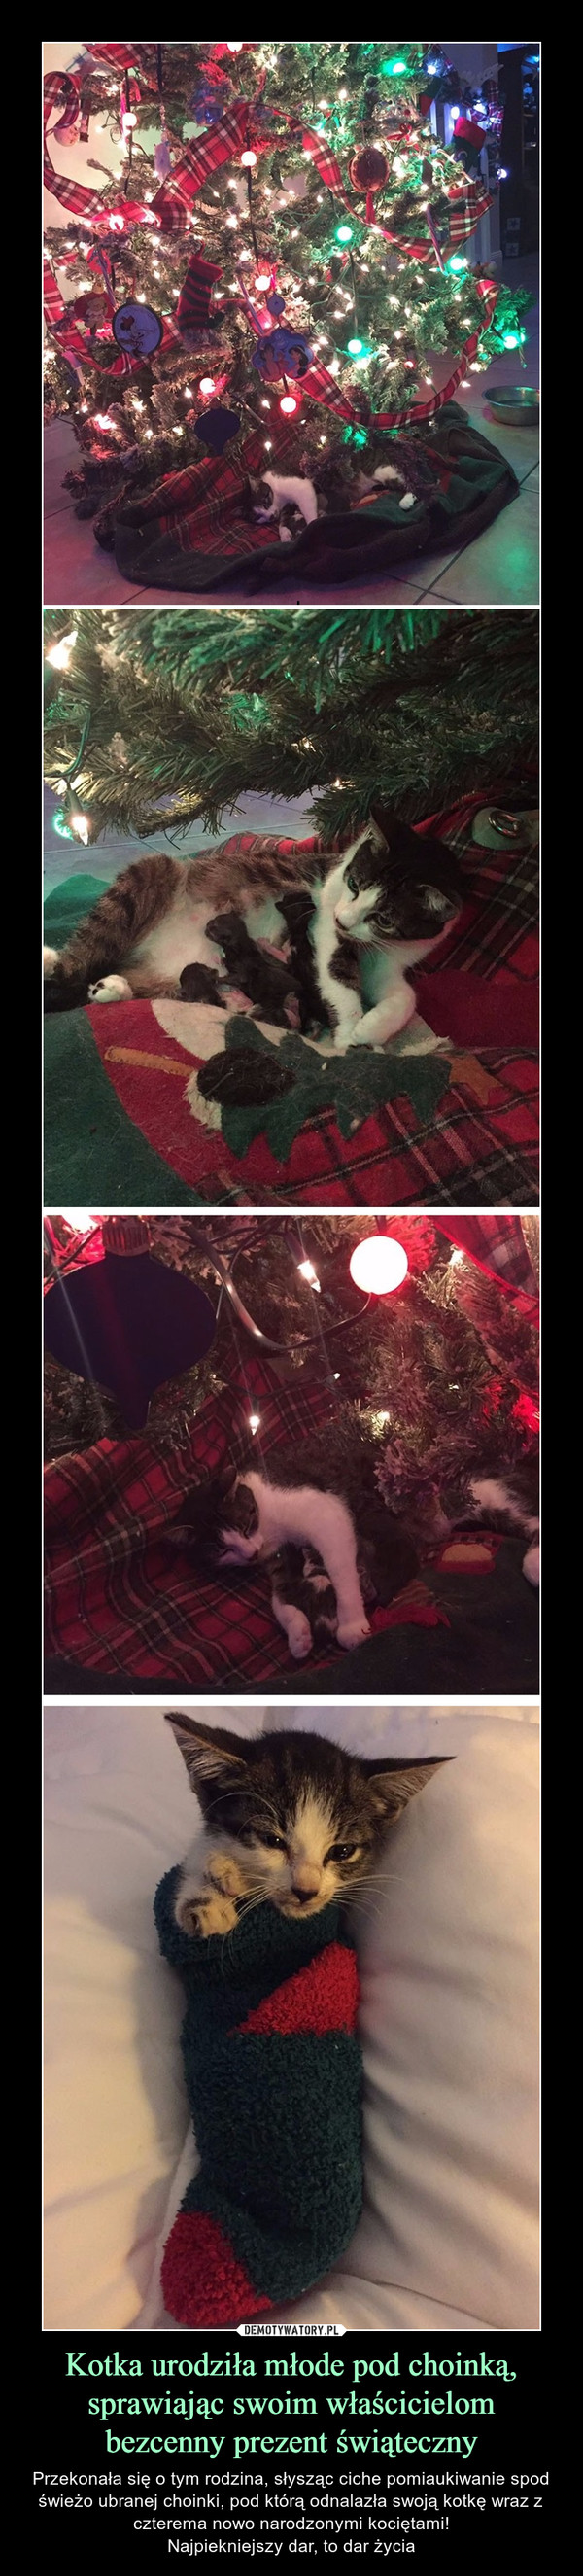 Kotka urodziła młode pod choinką, sprawiając swoim właścicielom bezcenny prezent świąteczny – Przekonała się o tym rodzina, słysząc ciche pomiaukiwanie spod świeżo ubranej choinki, pod którą odnalazła swoją kotkę wraz z czterema nowo narodzonymi kociętami!Najpiekniejszy dar, to dar życia